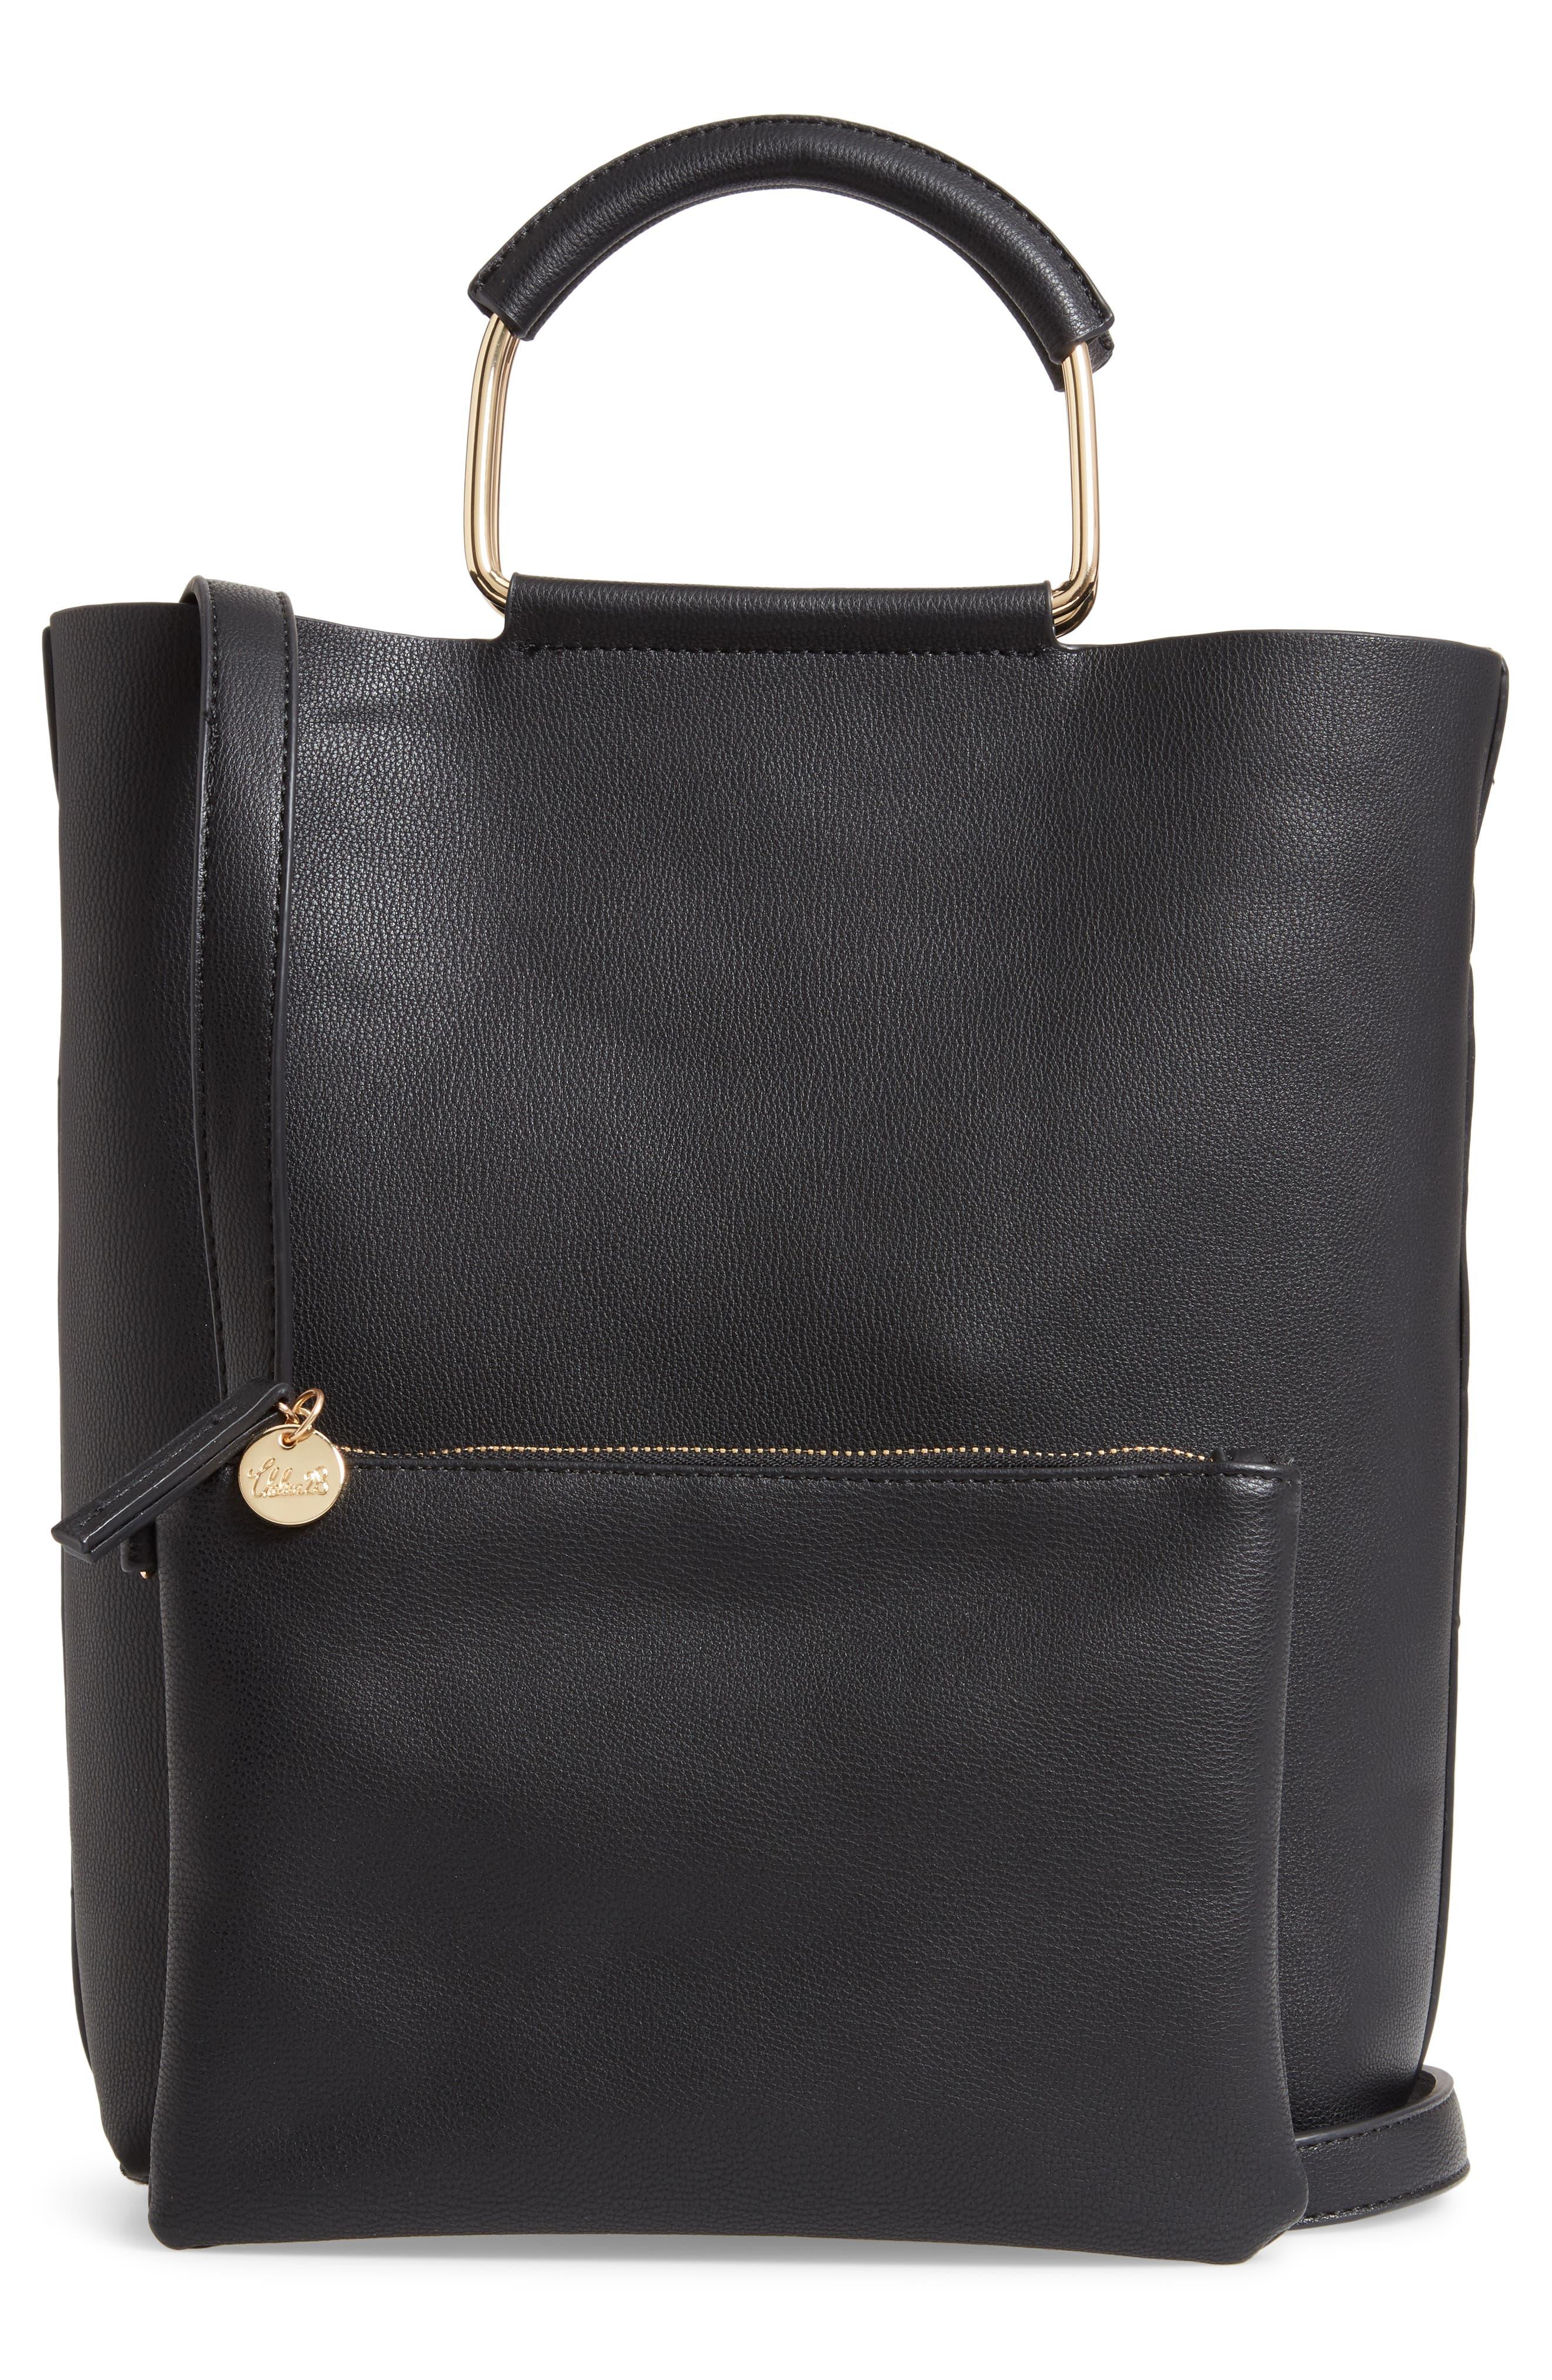 TROUVÉ, Payton Convertible Faux Leather Tote, Alternate thumbnail 3, color, BLACK